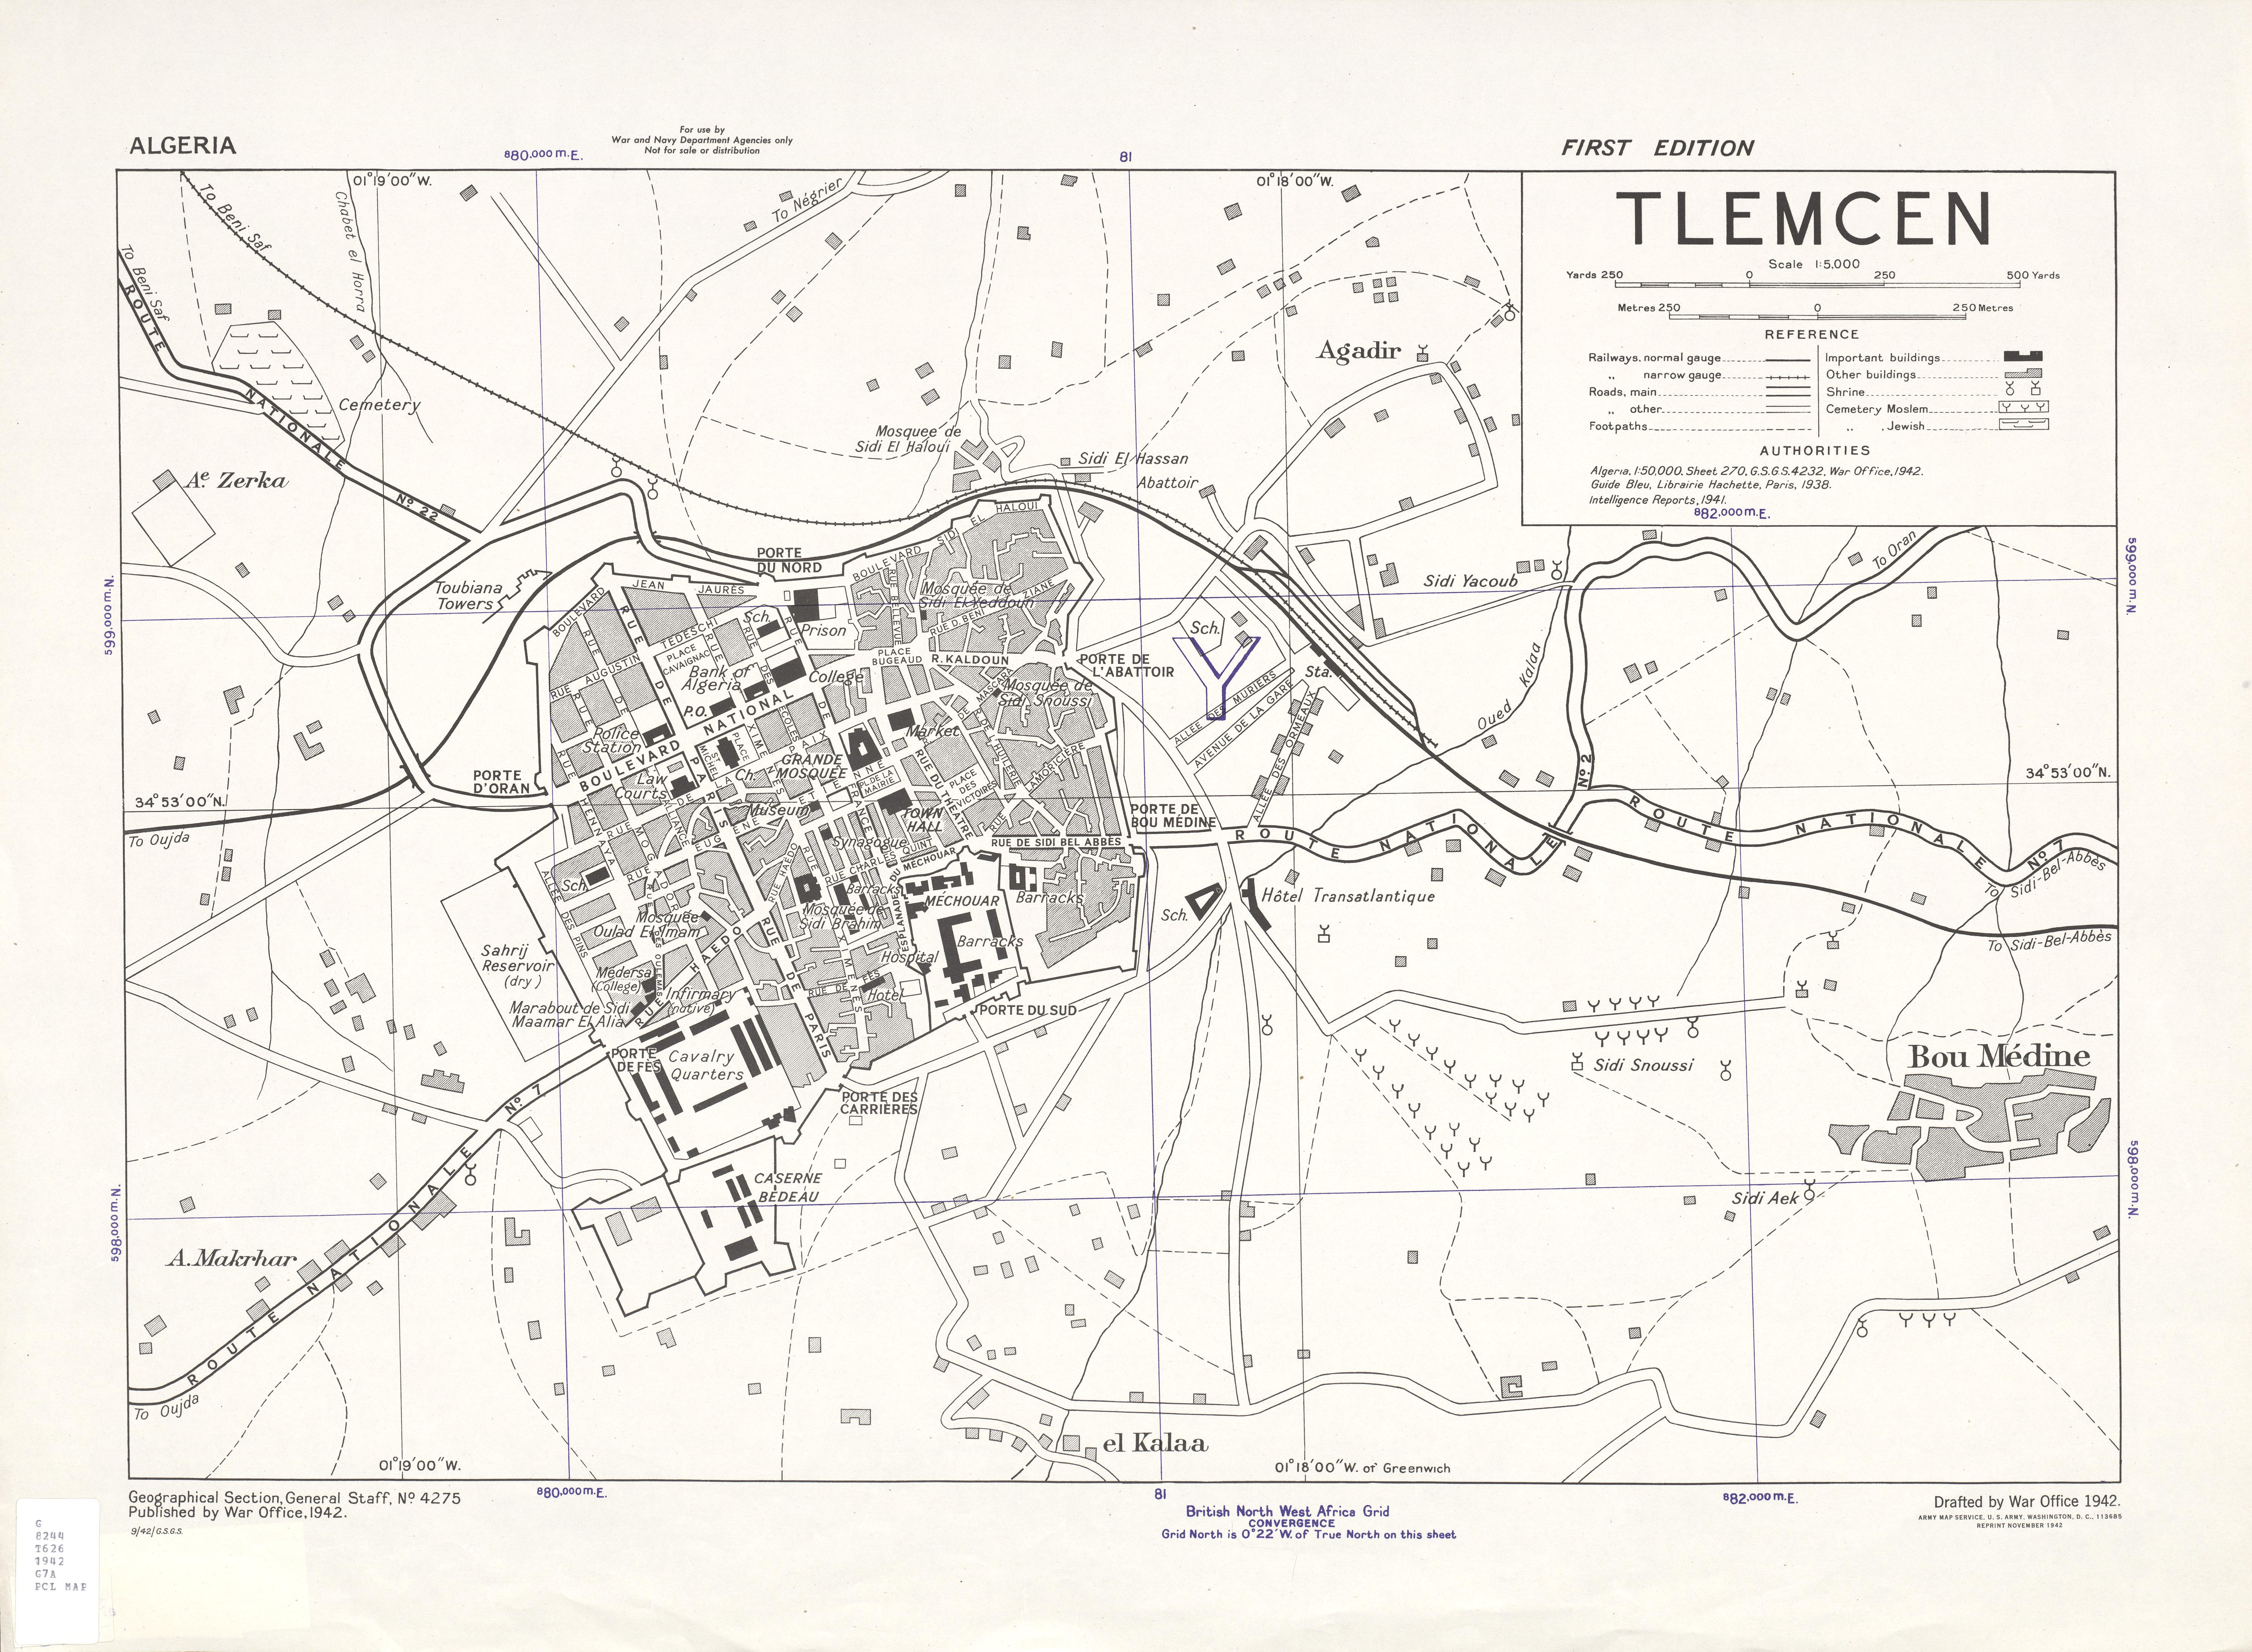 Mapa de la Ciudad de Tlemecén, Argelia 1942